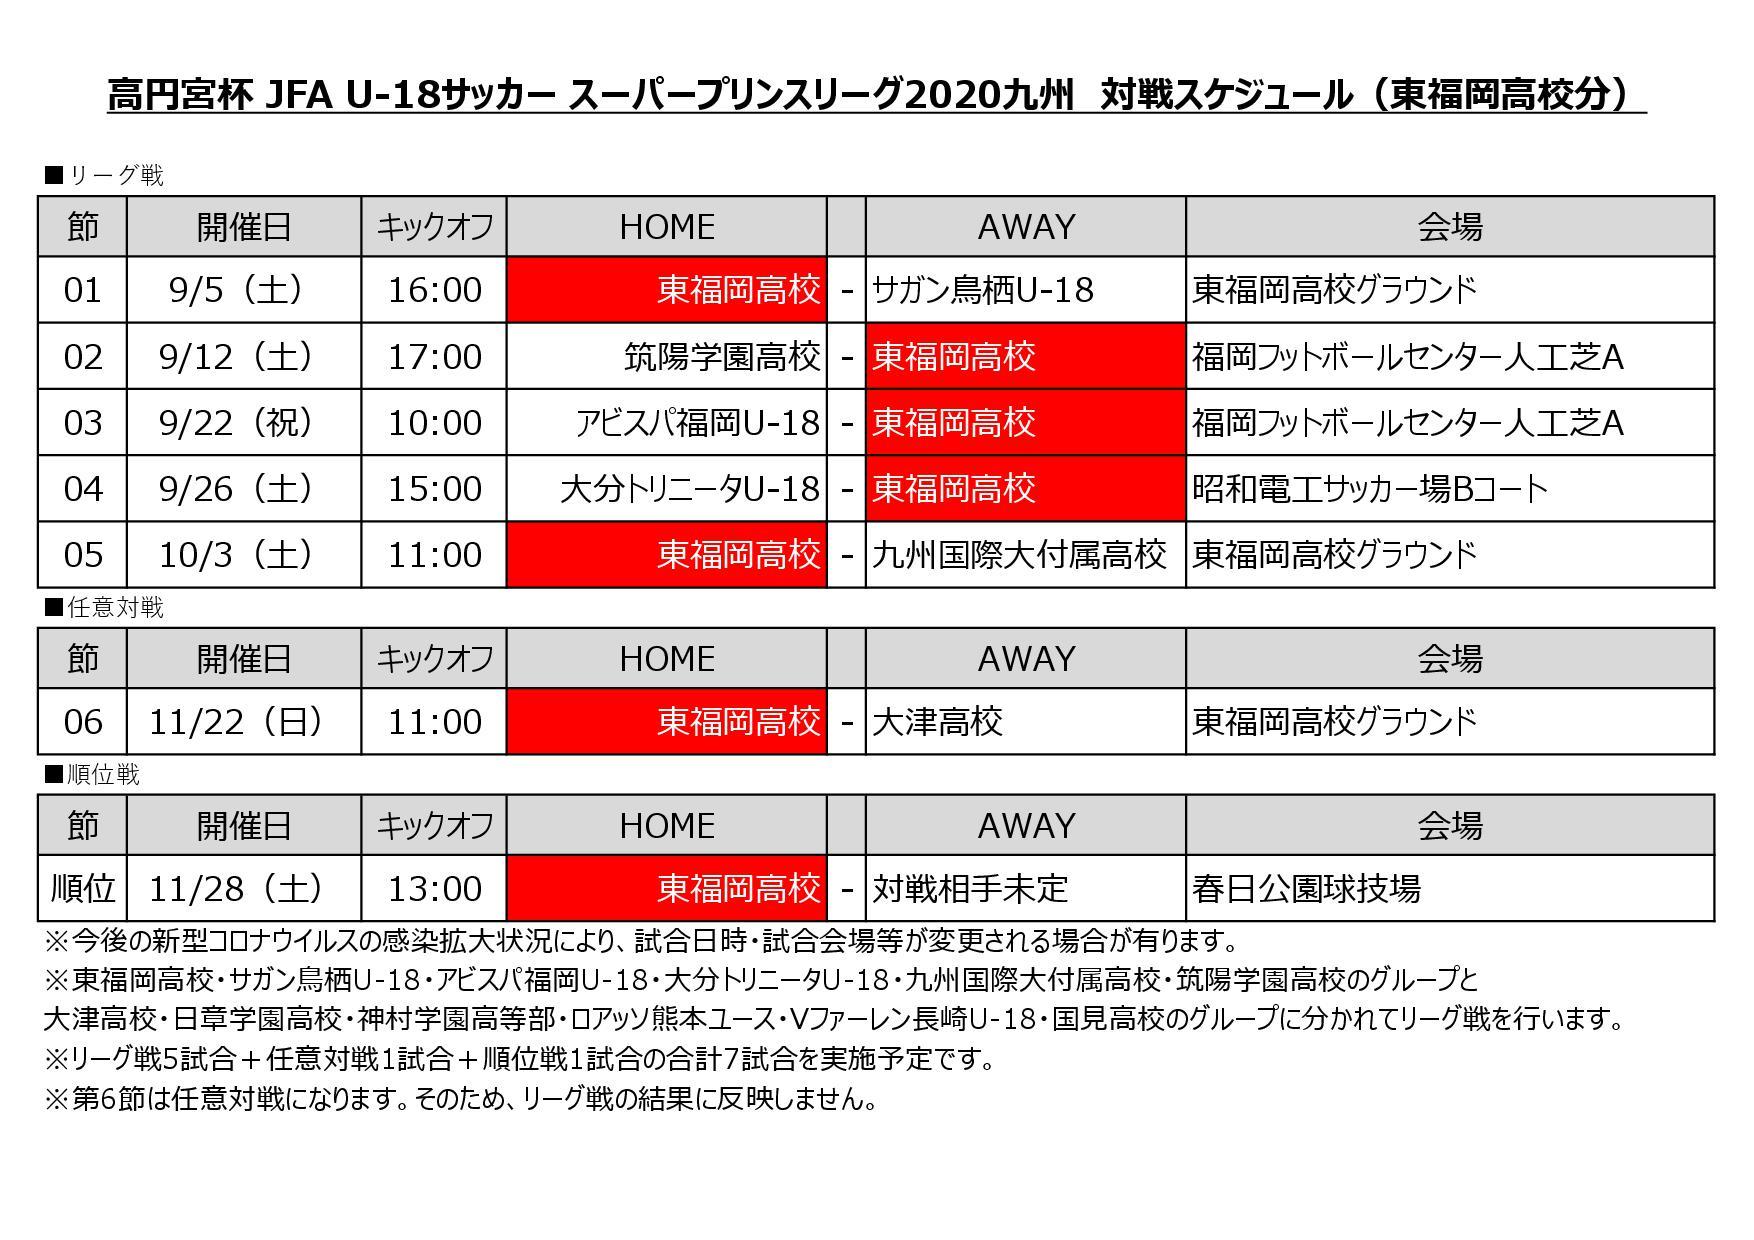 高円宮杯 JFA U-18サッカースーパープリンスリーグ2020九州